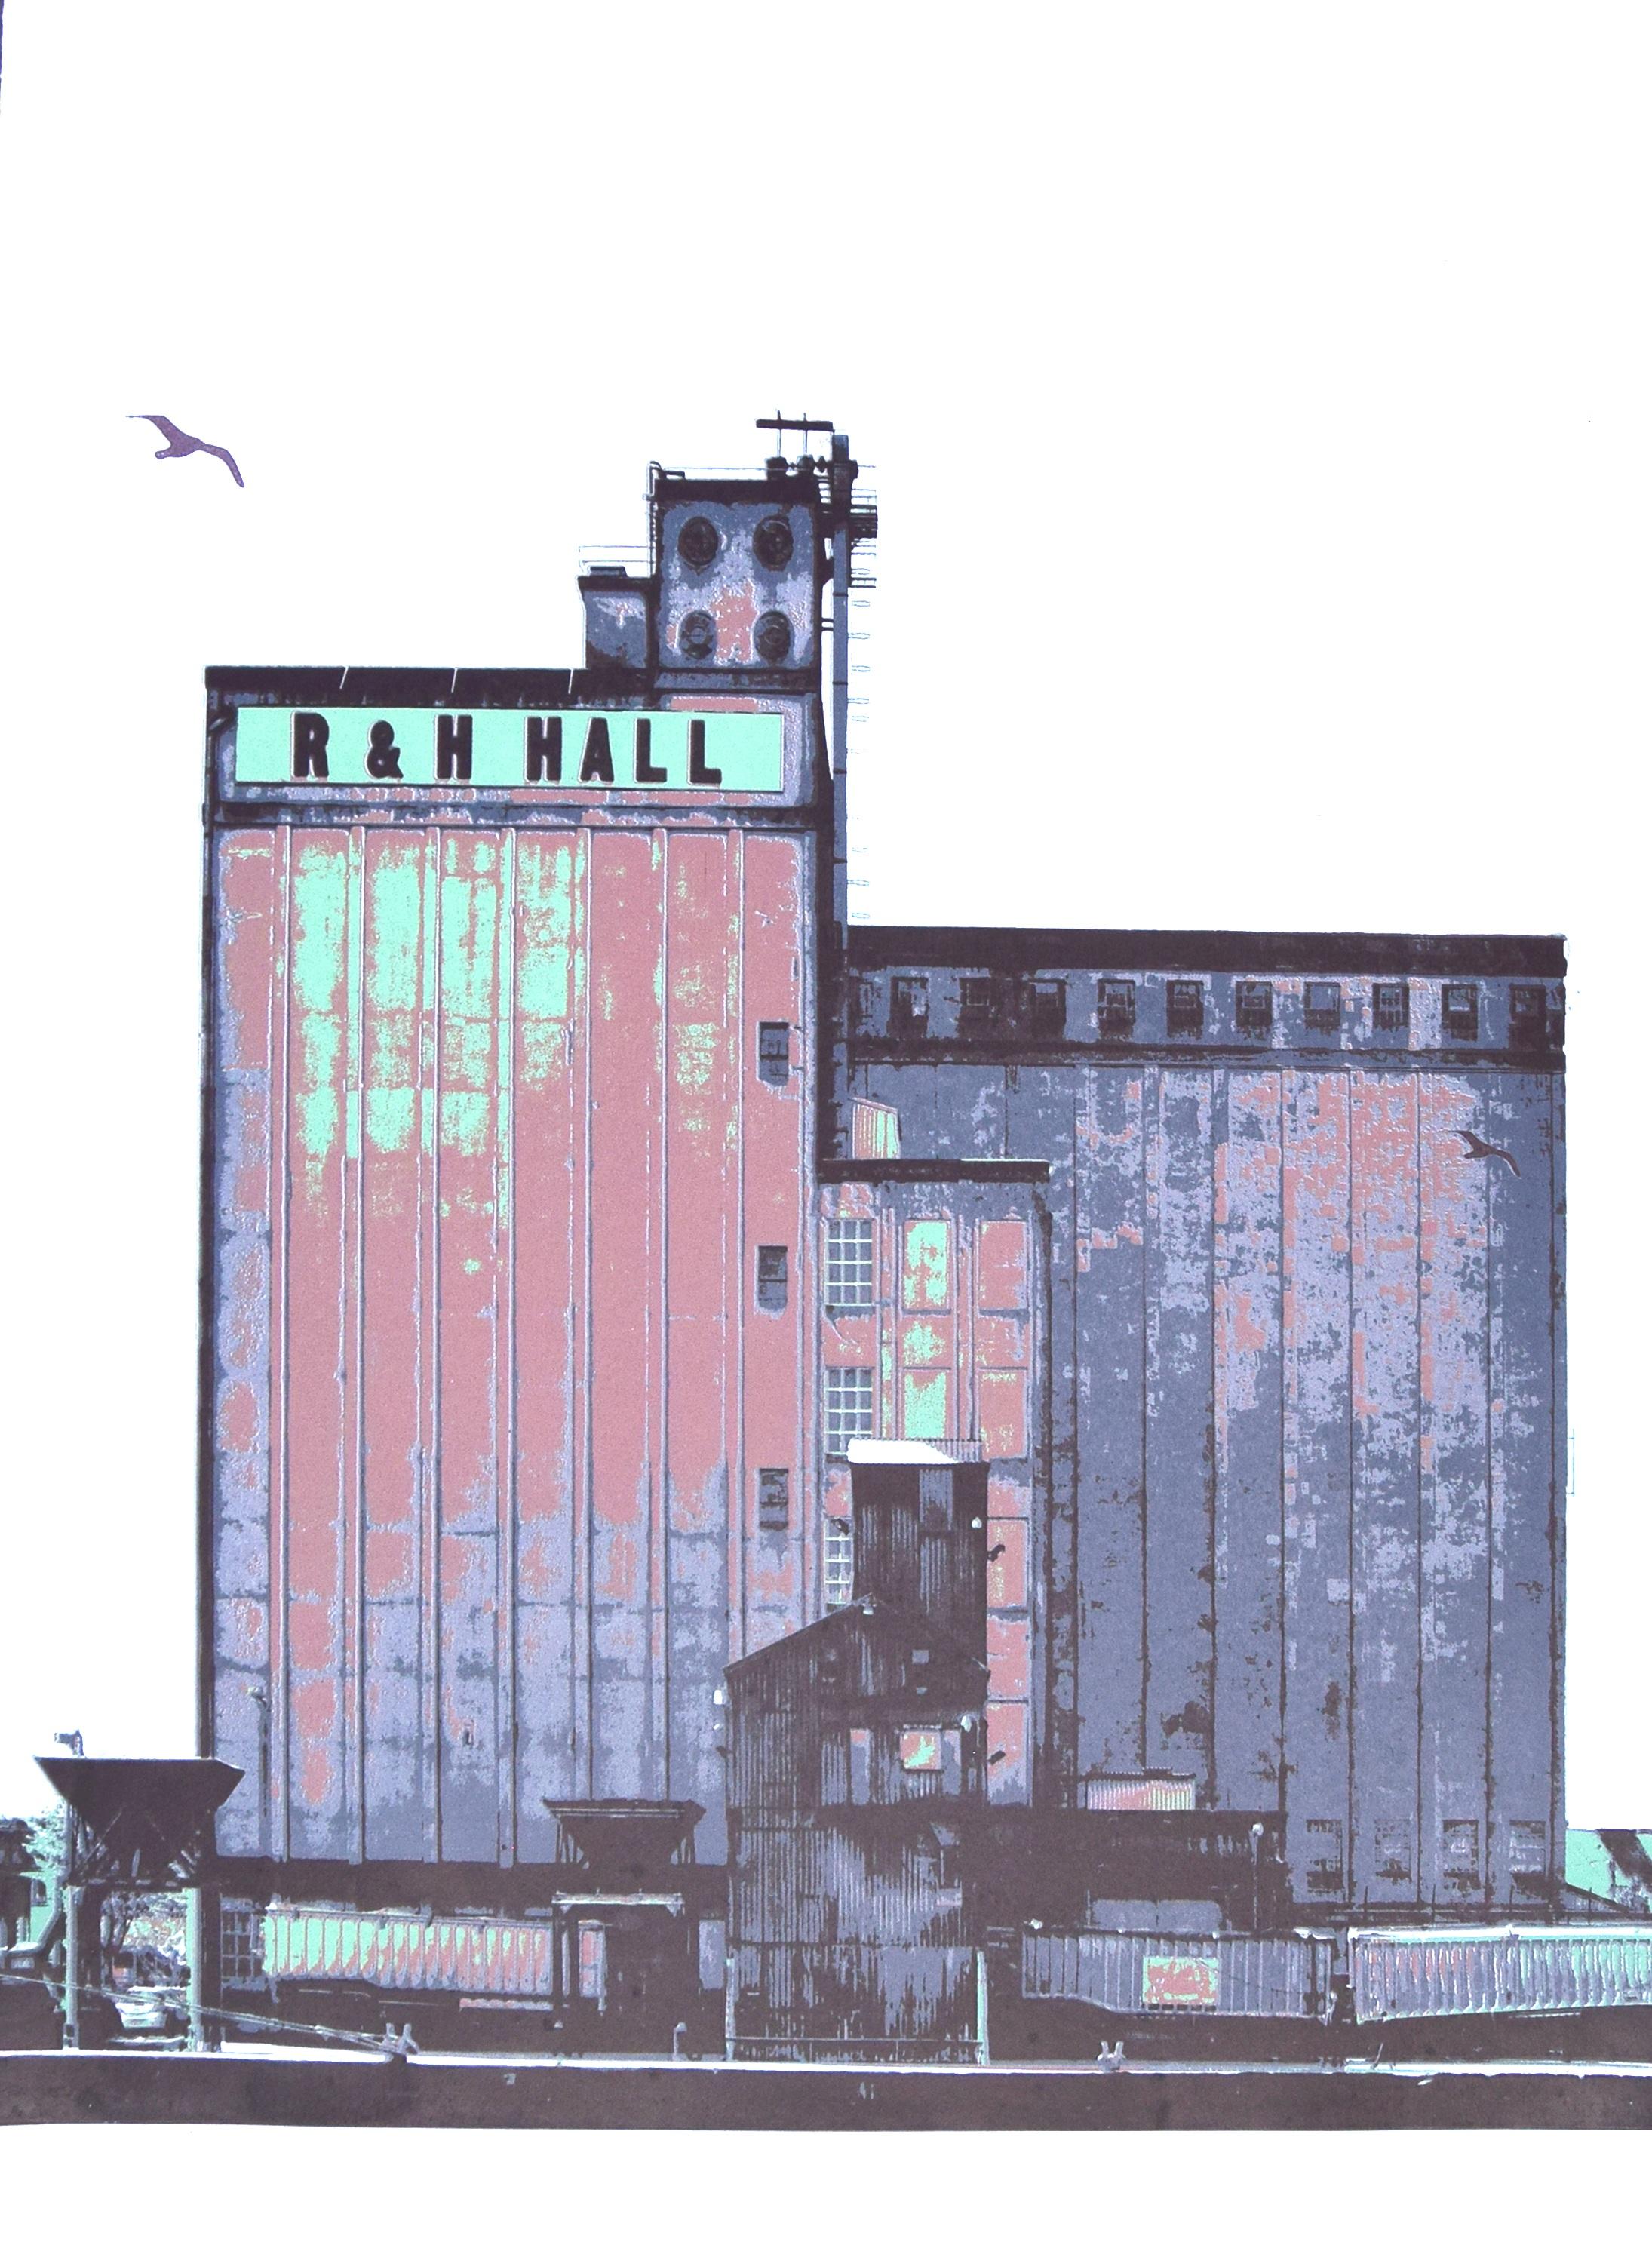 R&H Hall  1/6  650x950mm  Screen Print